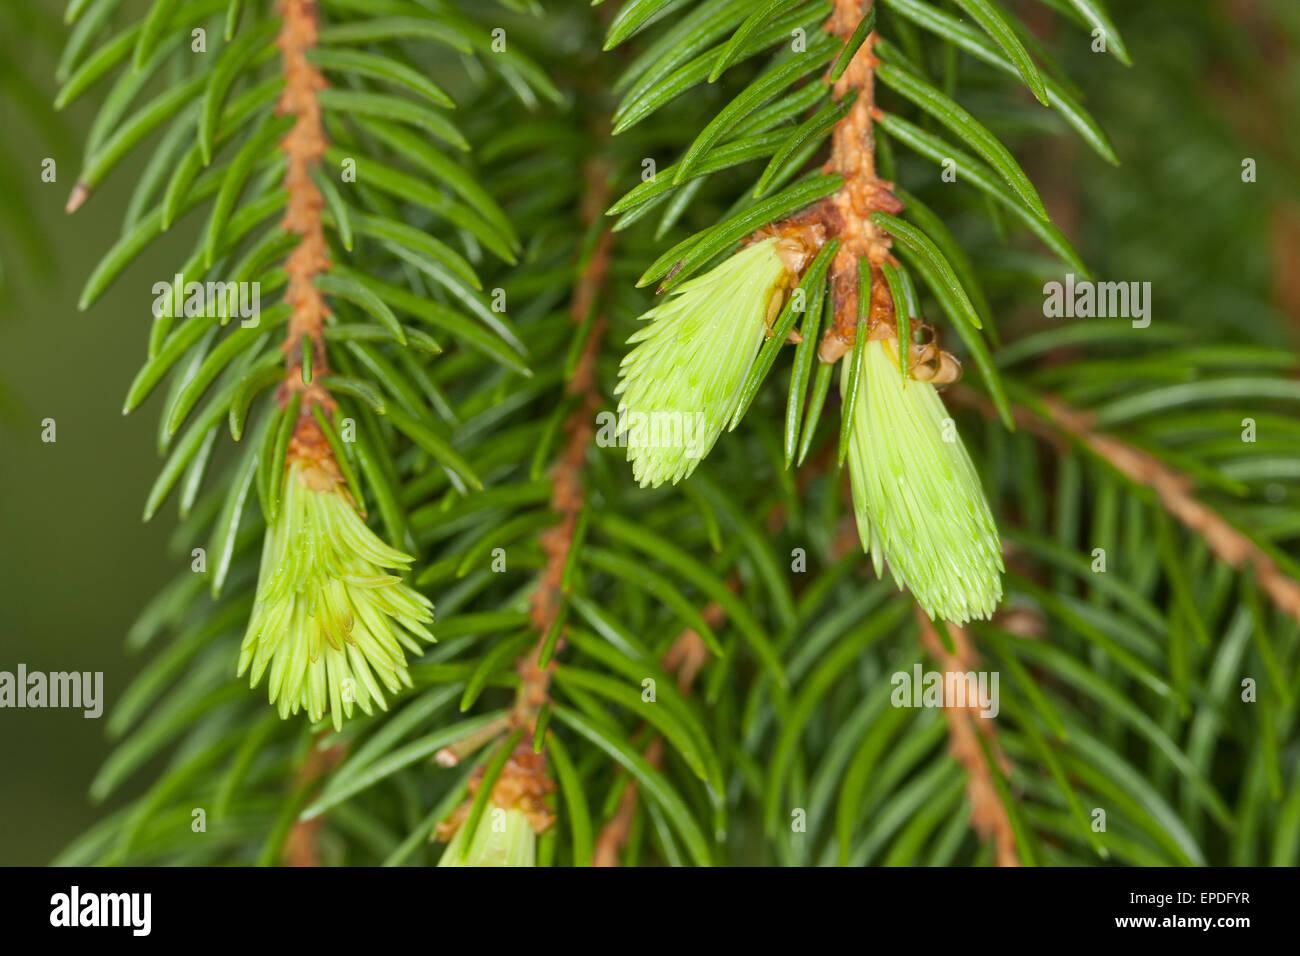 Common Spruce, Christmas Tree, shoot, sprout, sapling, Gewöhnliche Fichte, frische Triebe, Nadeln, Rotfichte, - Stock Image